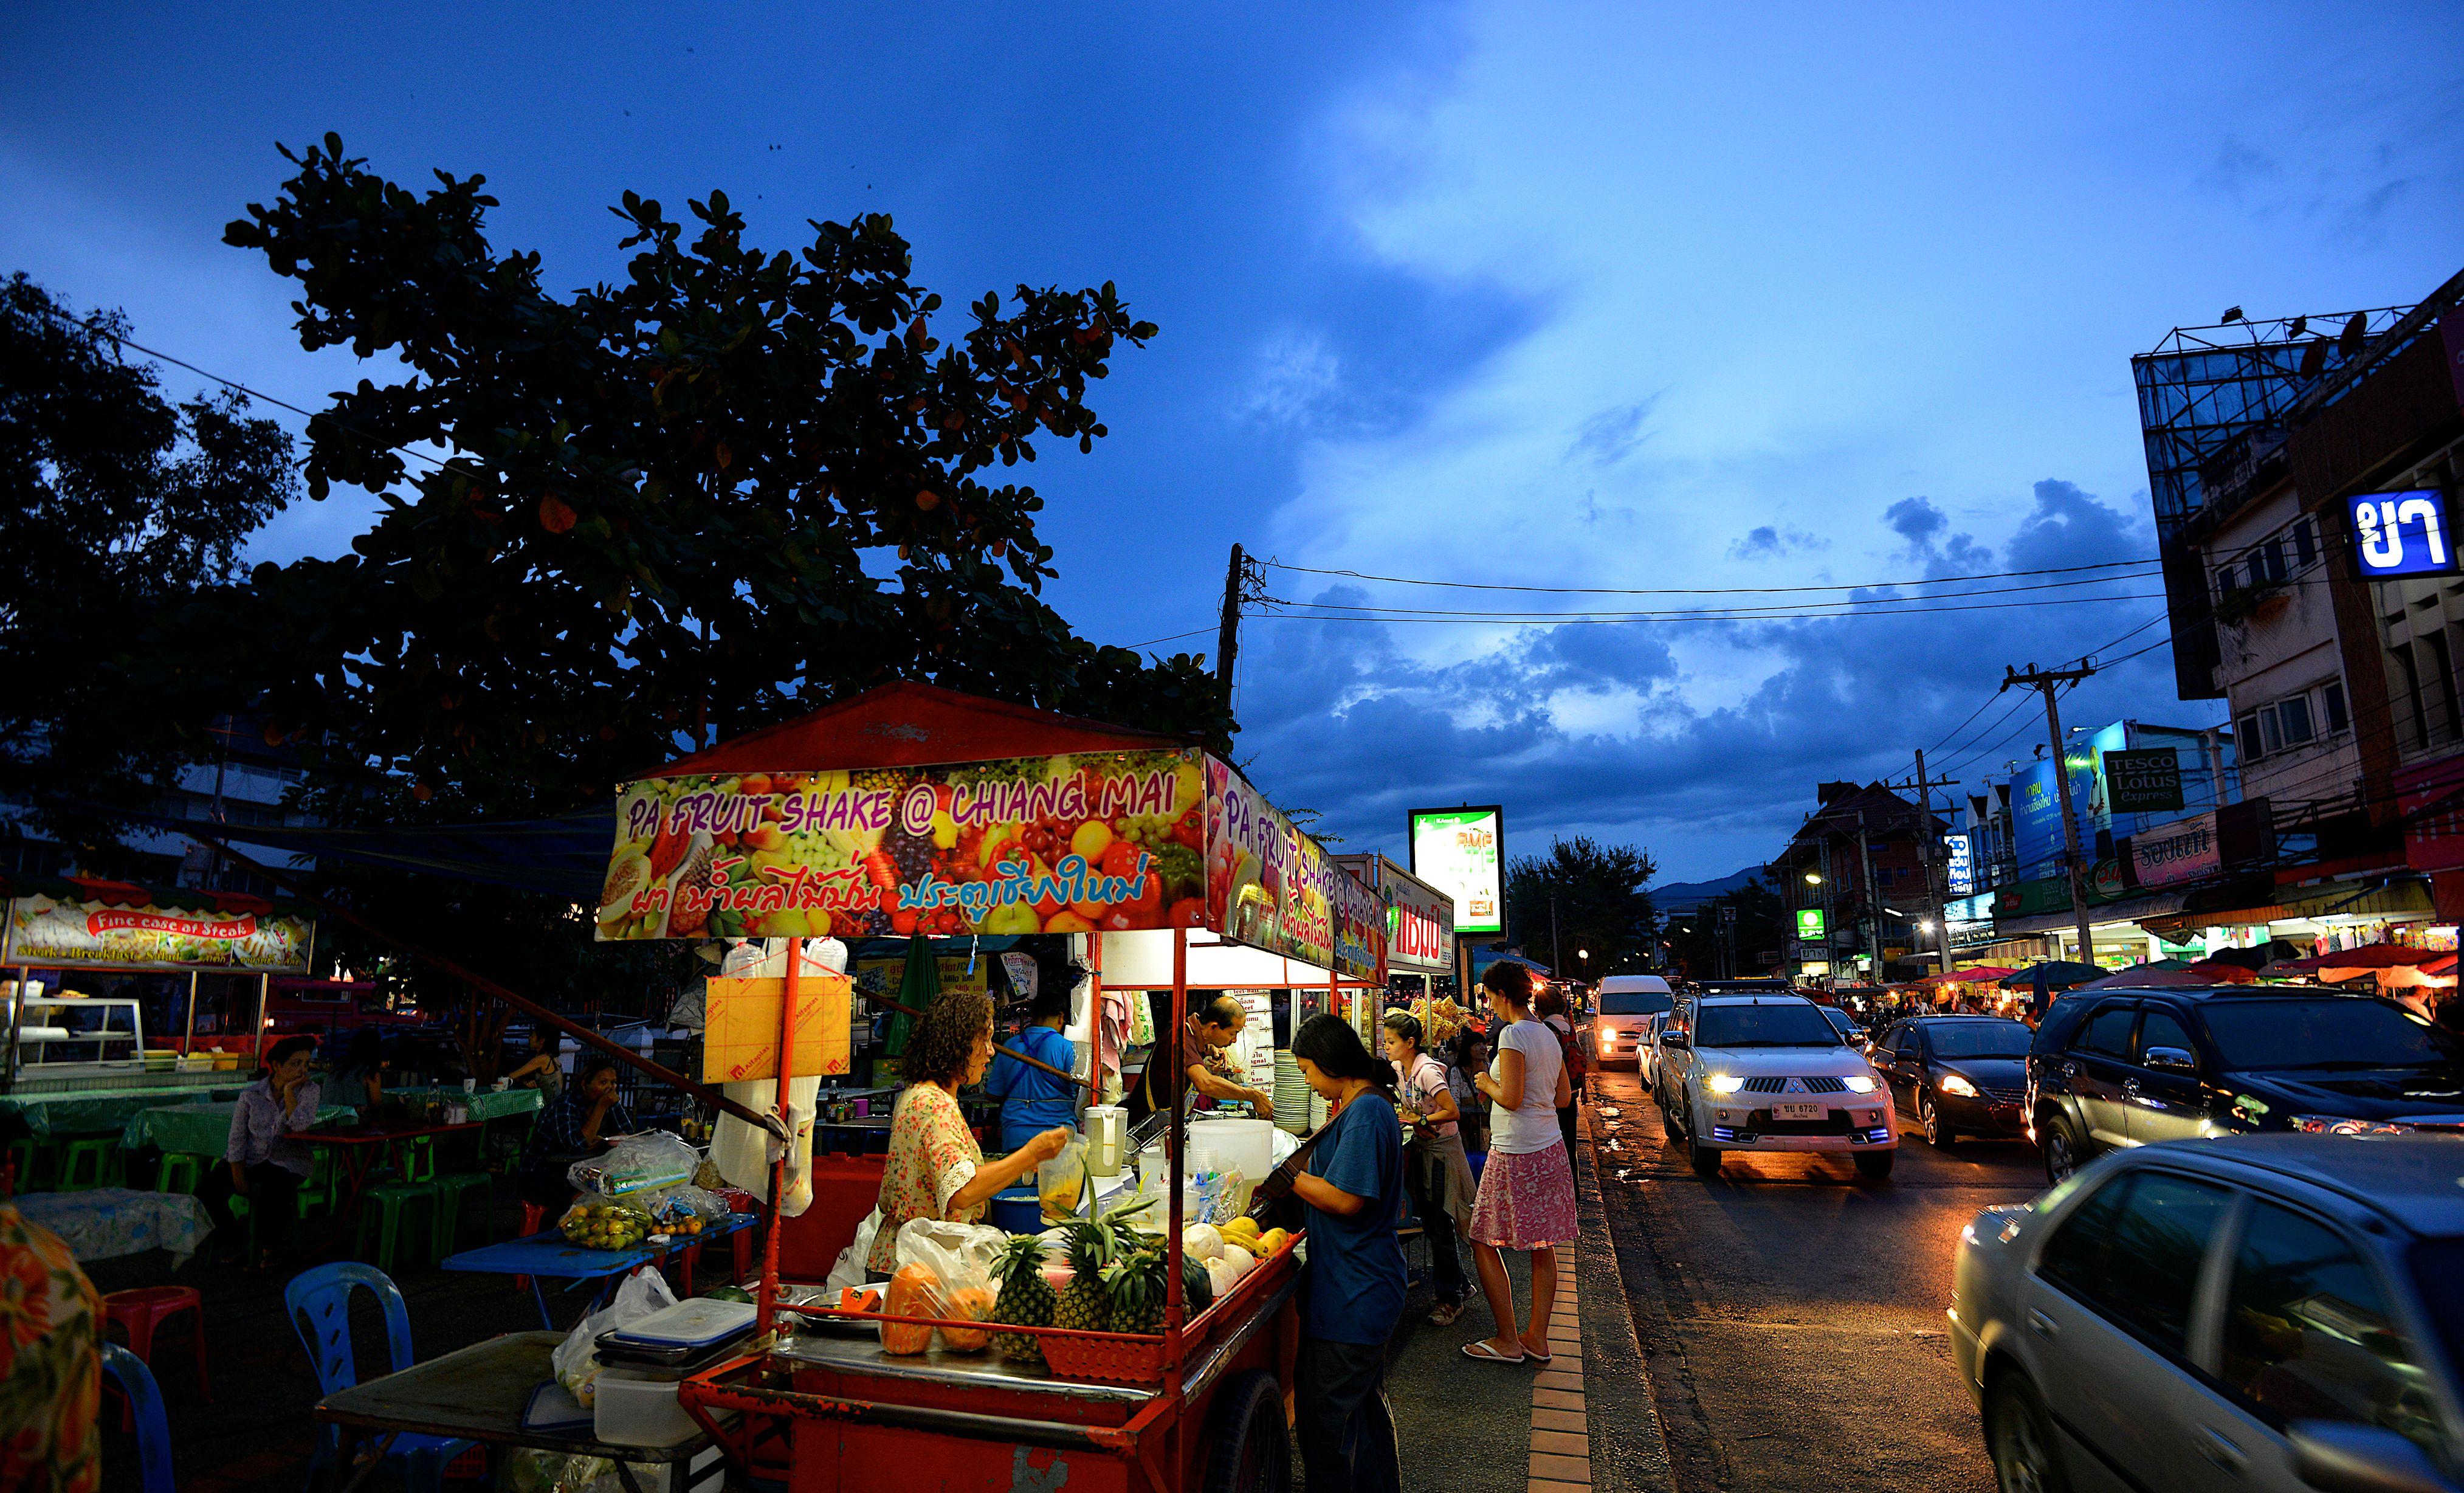 Mercado nocturno de comida callejera, Chiang Mai